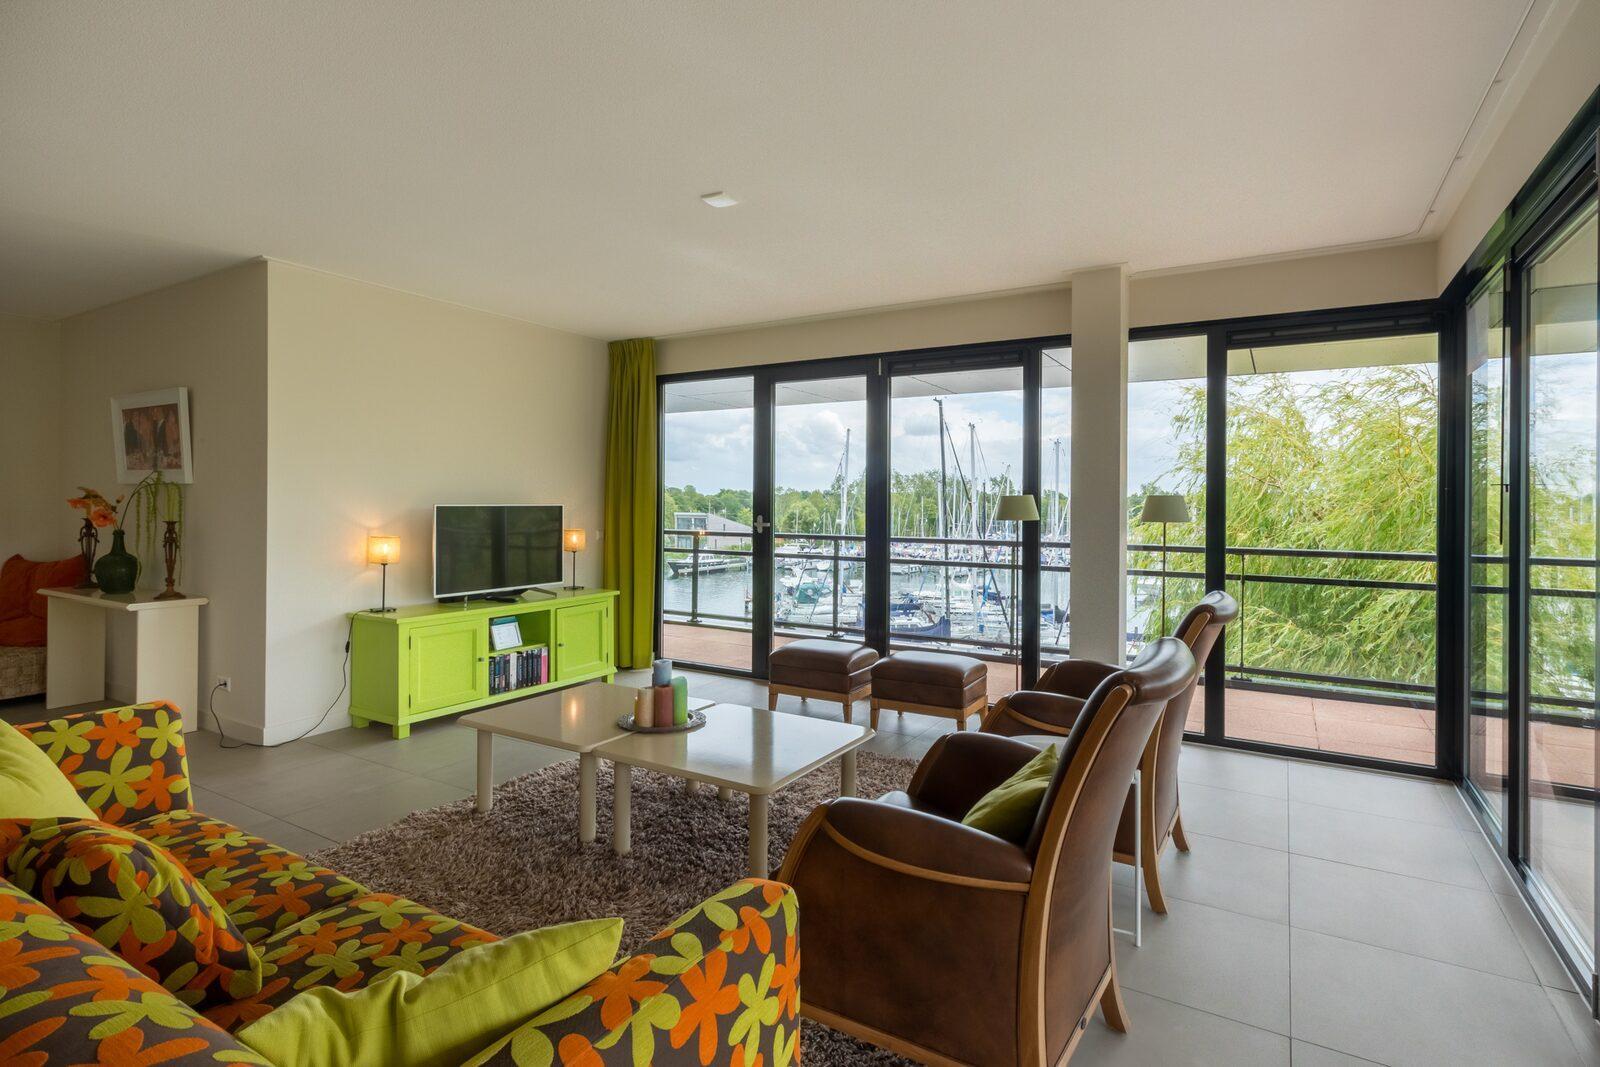 Ferienhaus für 4 Personen ca 120 m² in Arnemuiden Zeeland Küste von Zeeland